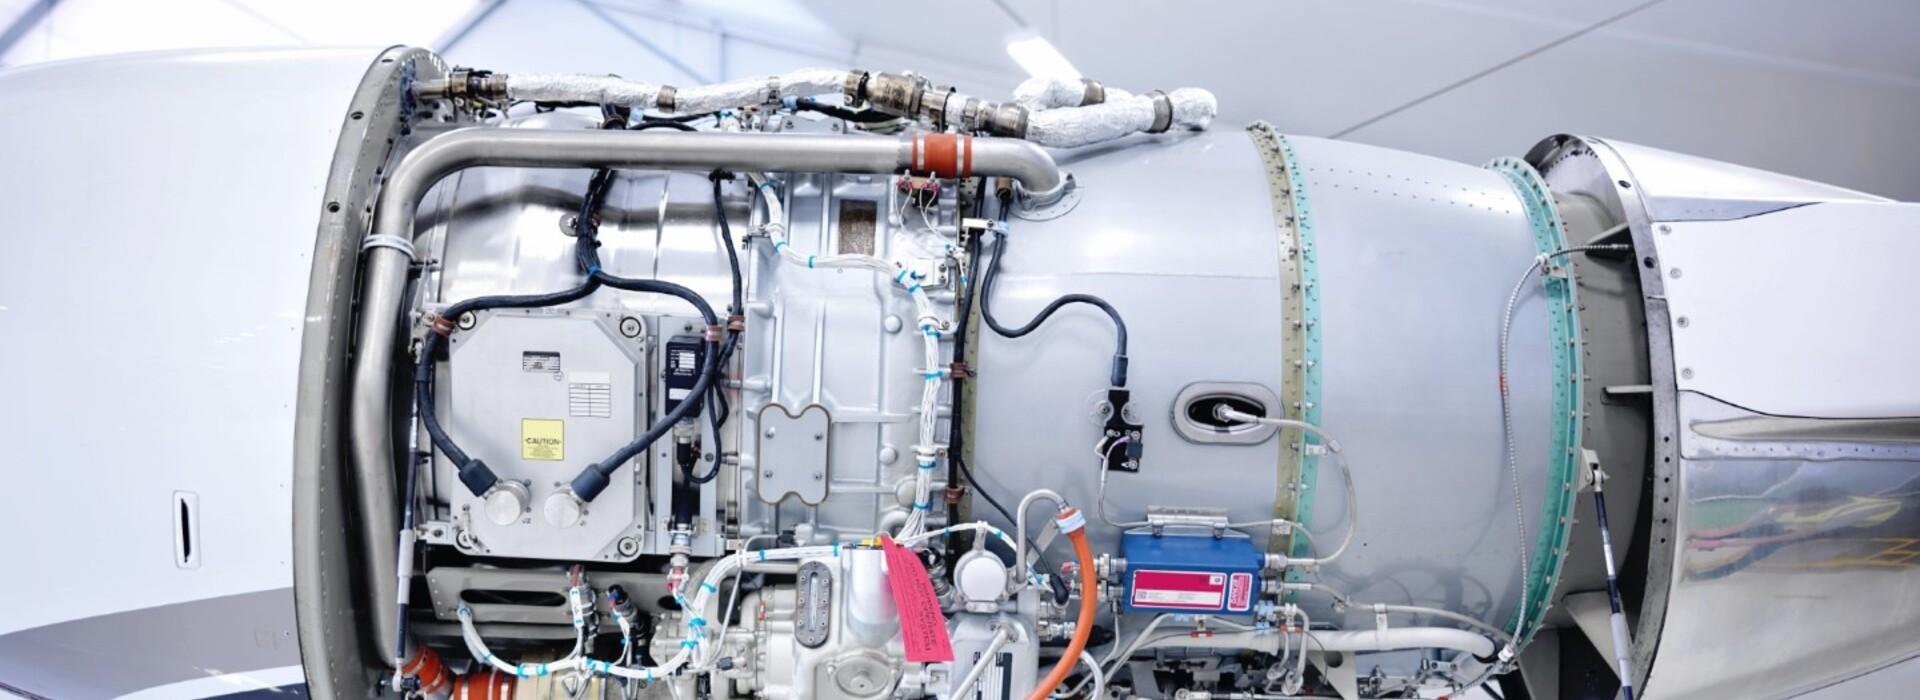 EWIS - Sistema de Interconexión de Cableado Eléctrico